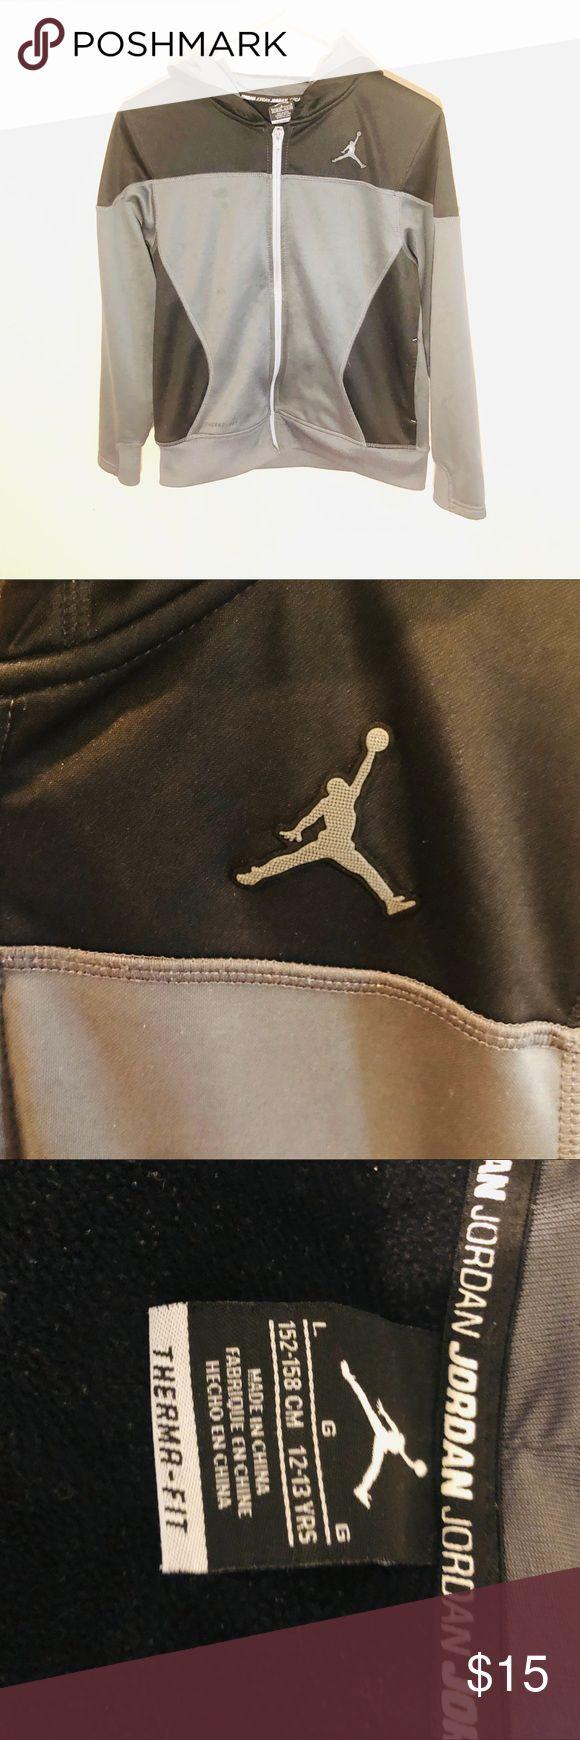 Nike Air Jordan zip up jacket size large thermafit Nike